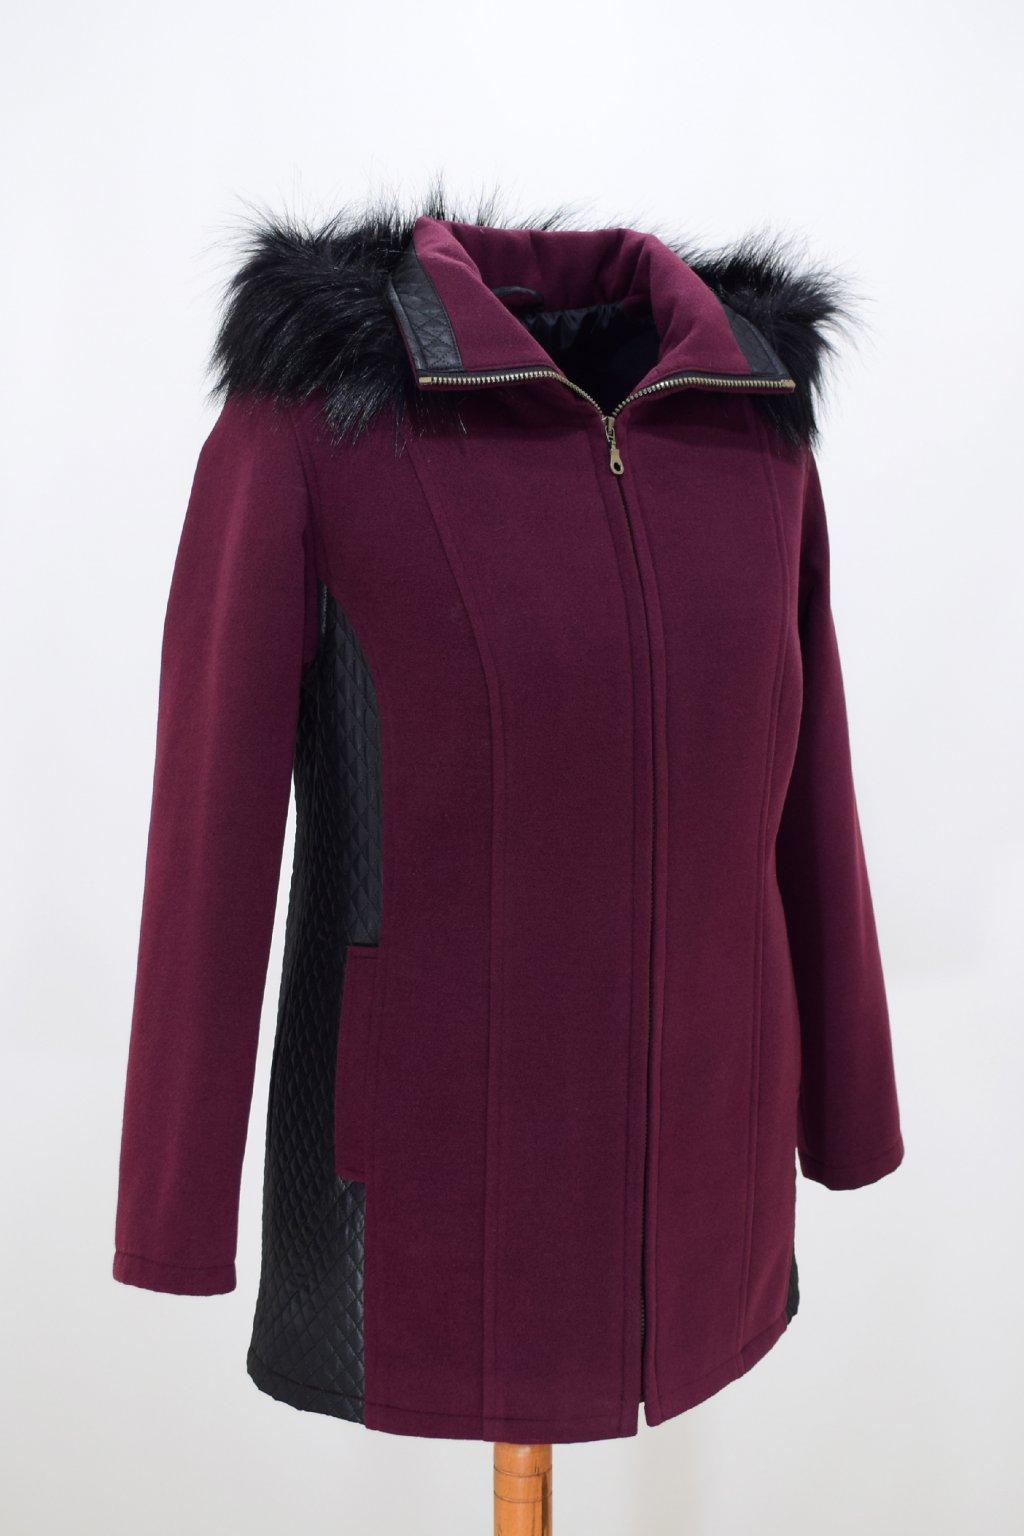 Dámský vínový zimní kabátek Frída nadměrné velikosti.